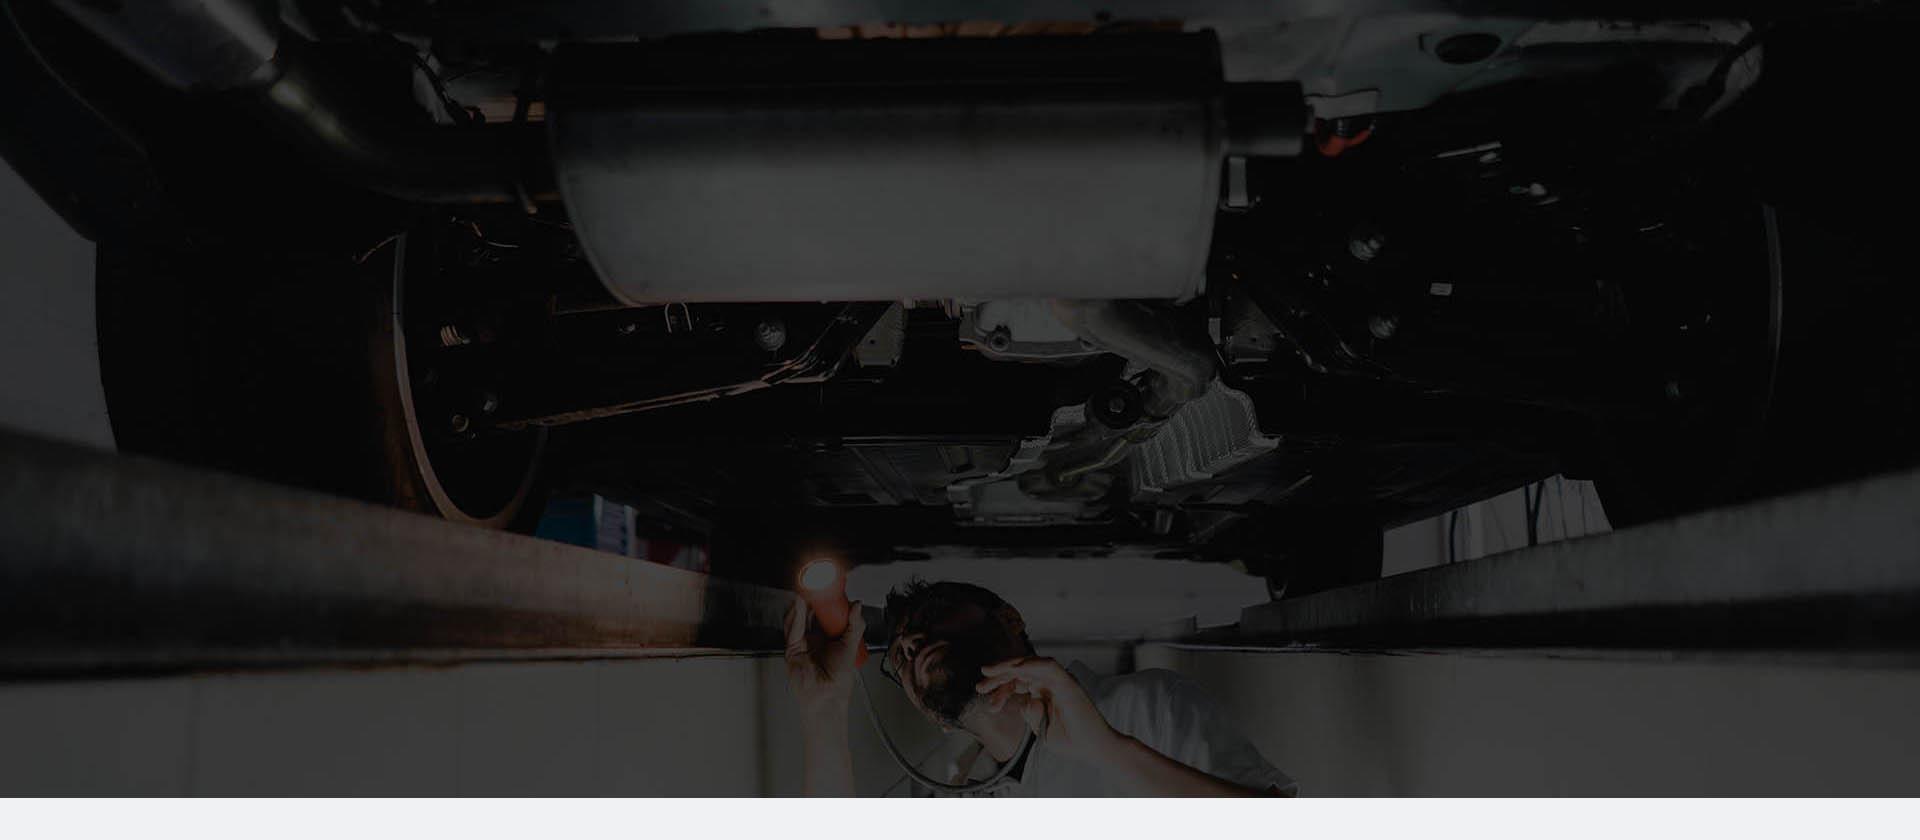 Duże zdjęcie przeglądu samochodu